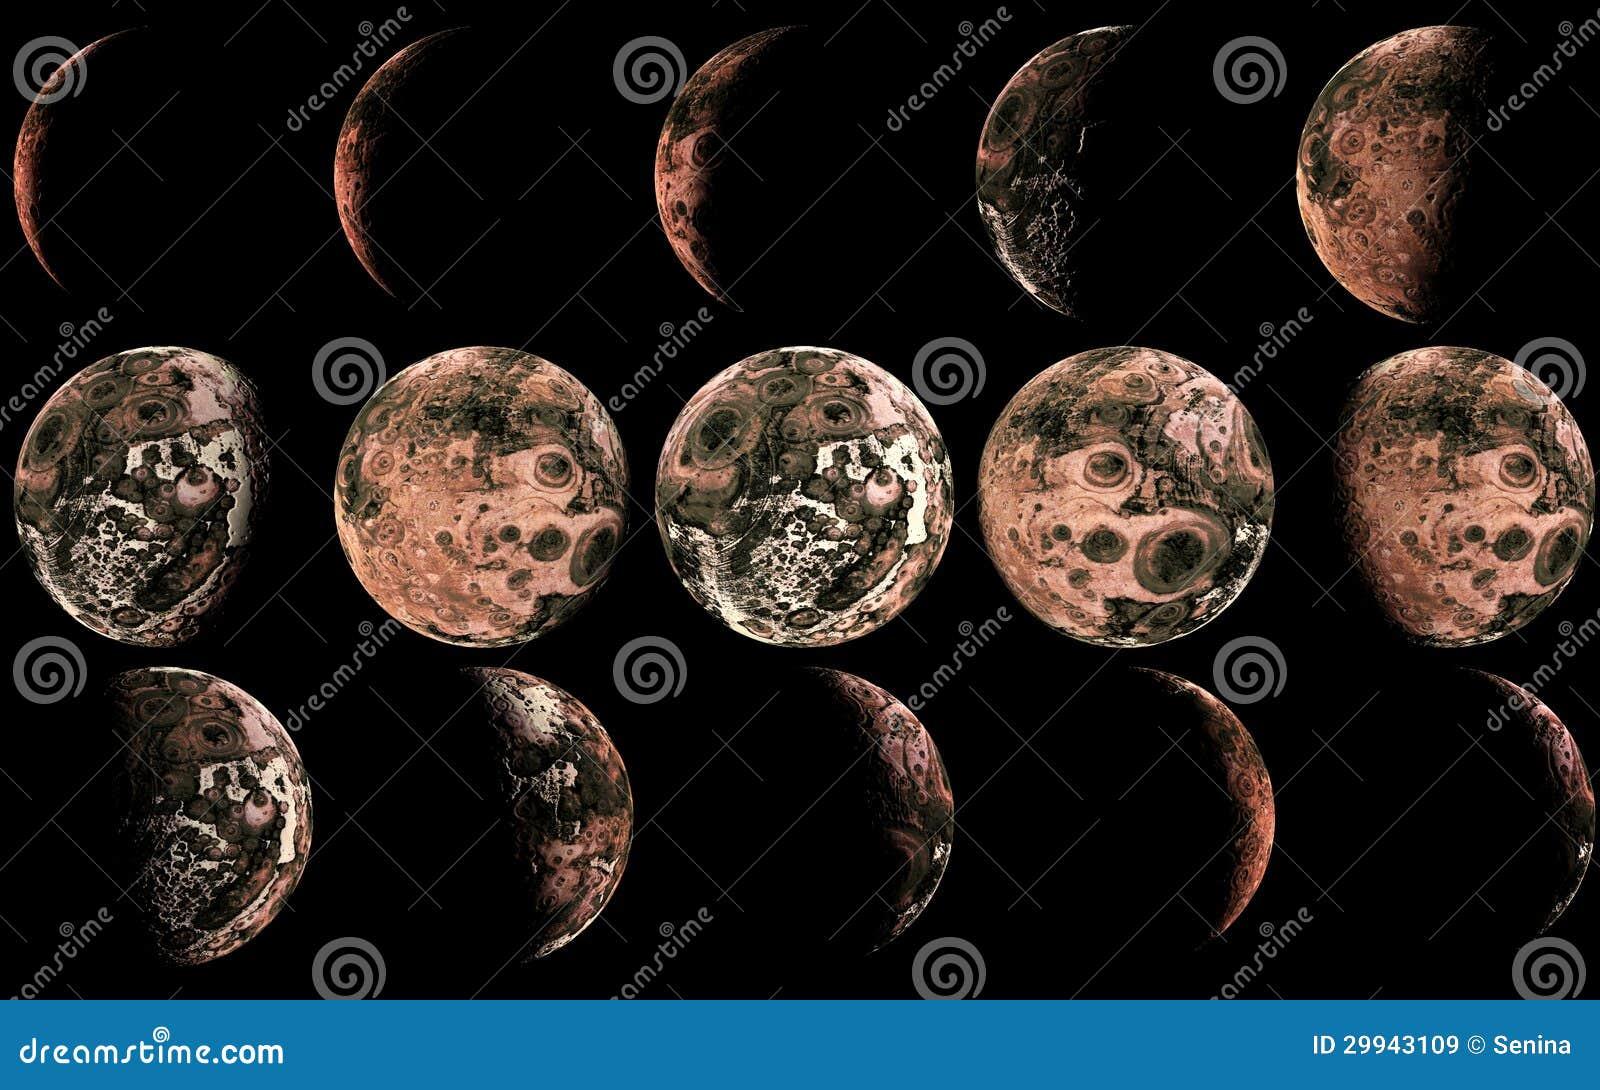 Alien Moon Phases Wallpaper